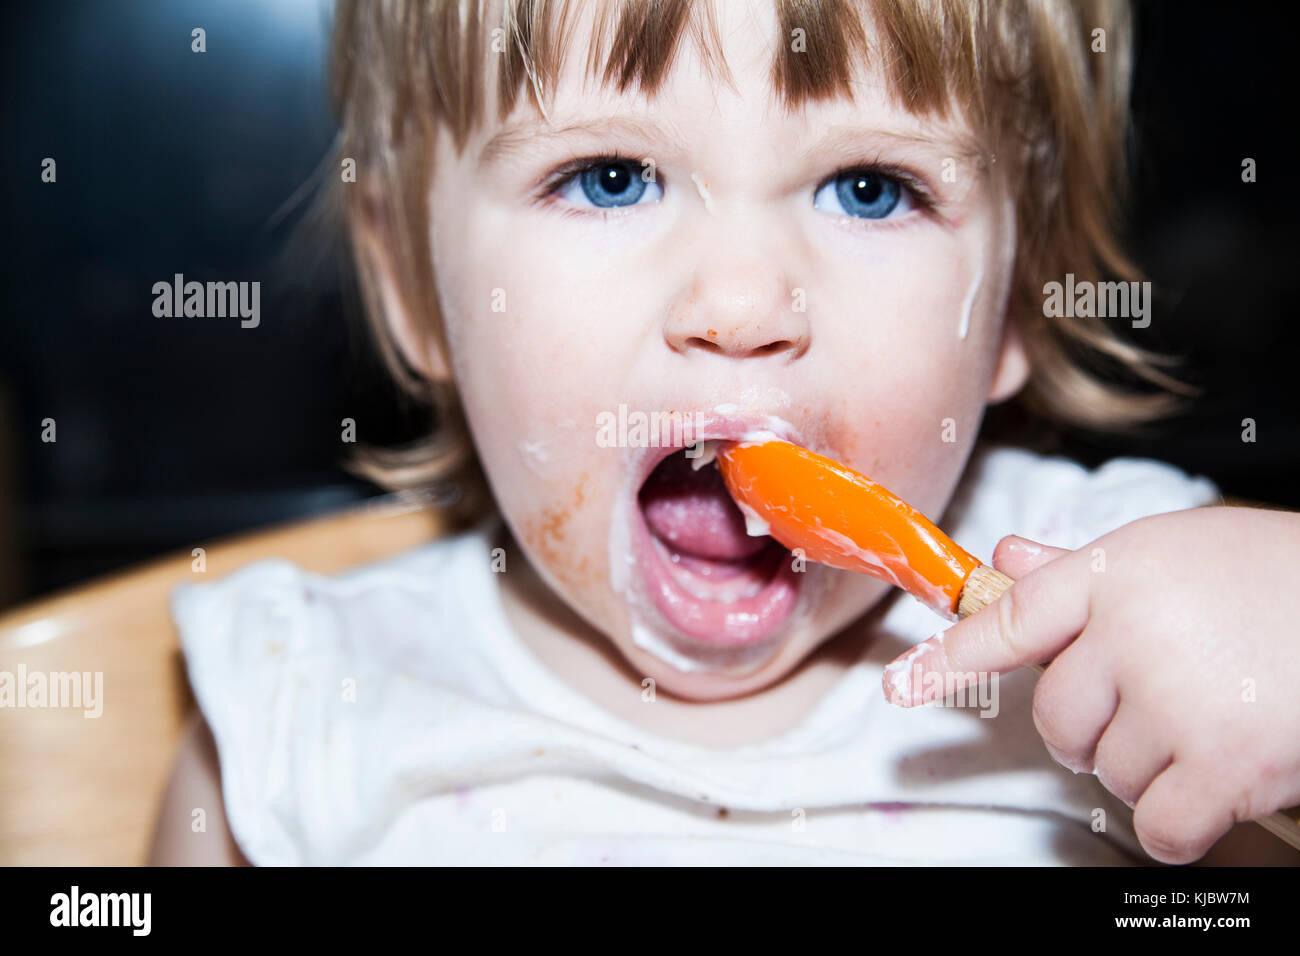 Niño desordenado de comer con una cuchara Imagen De Stock